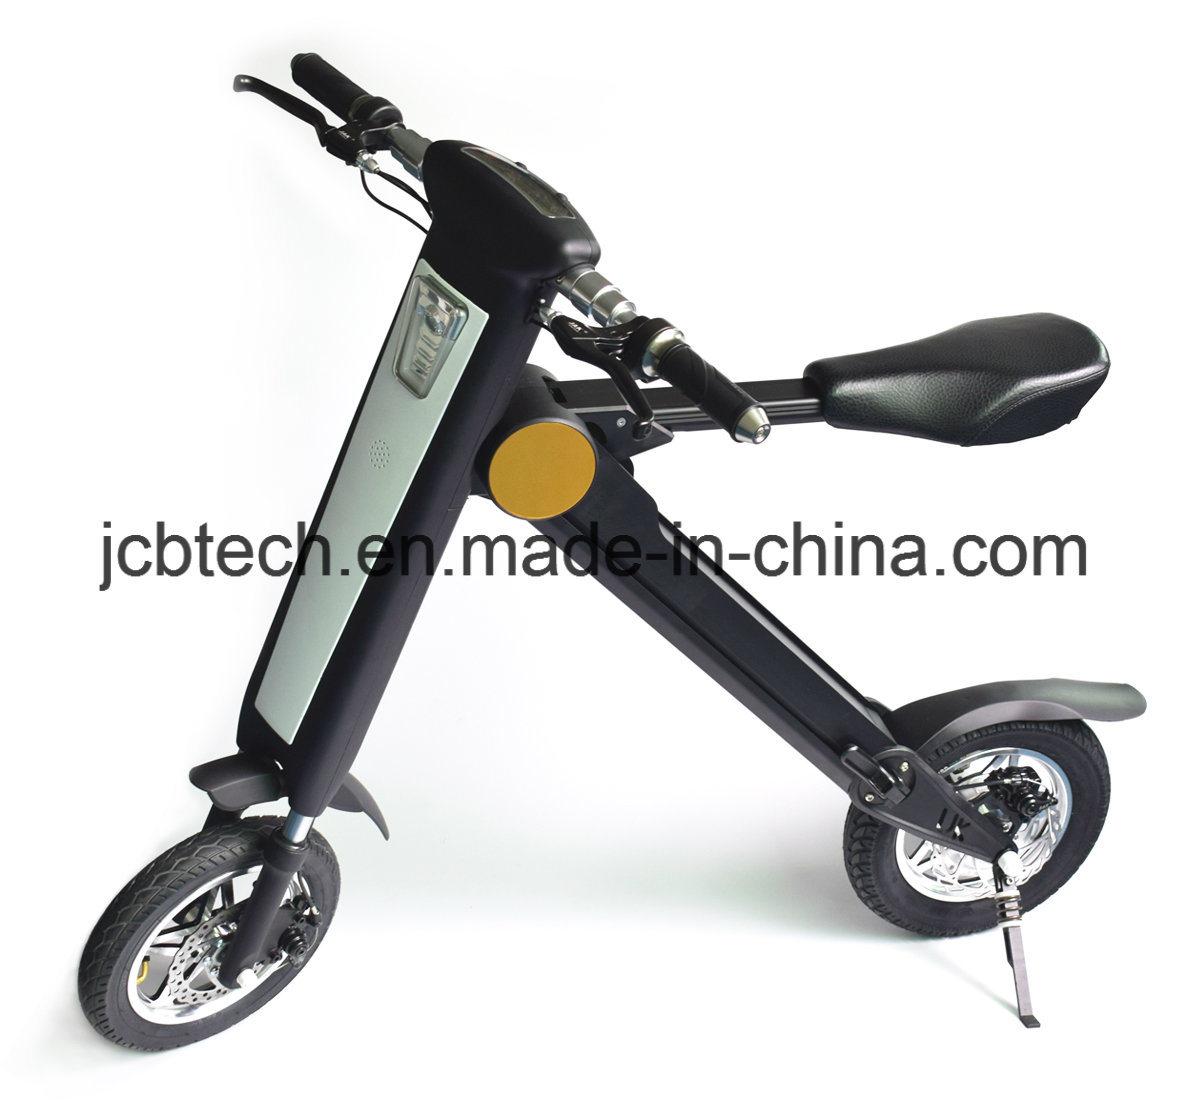 2 Wheel E Bike with Bluetooth, GPS, USB